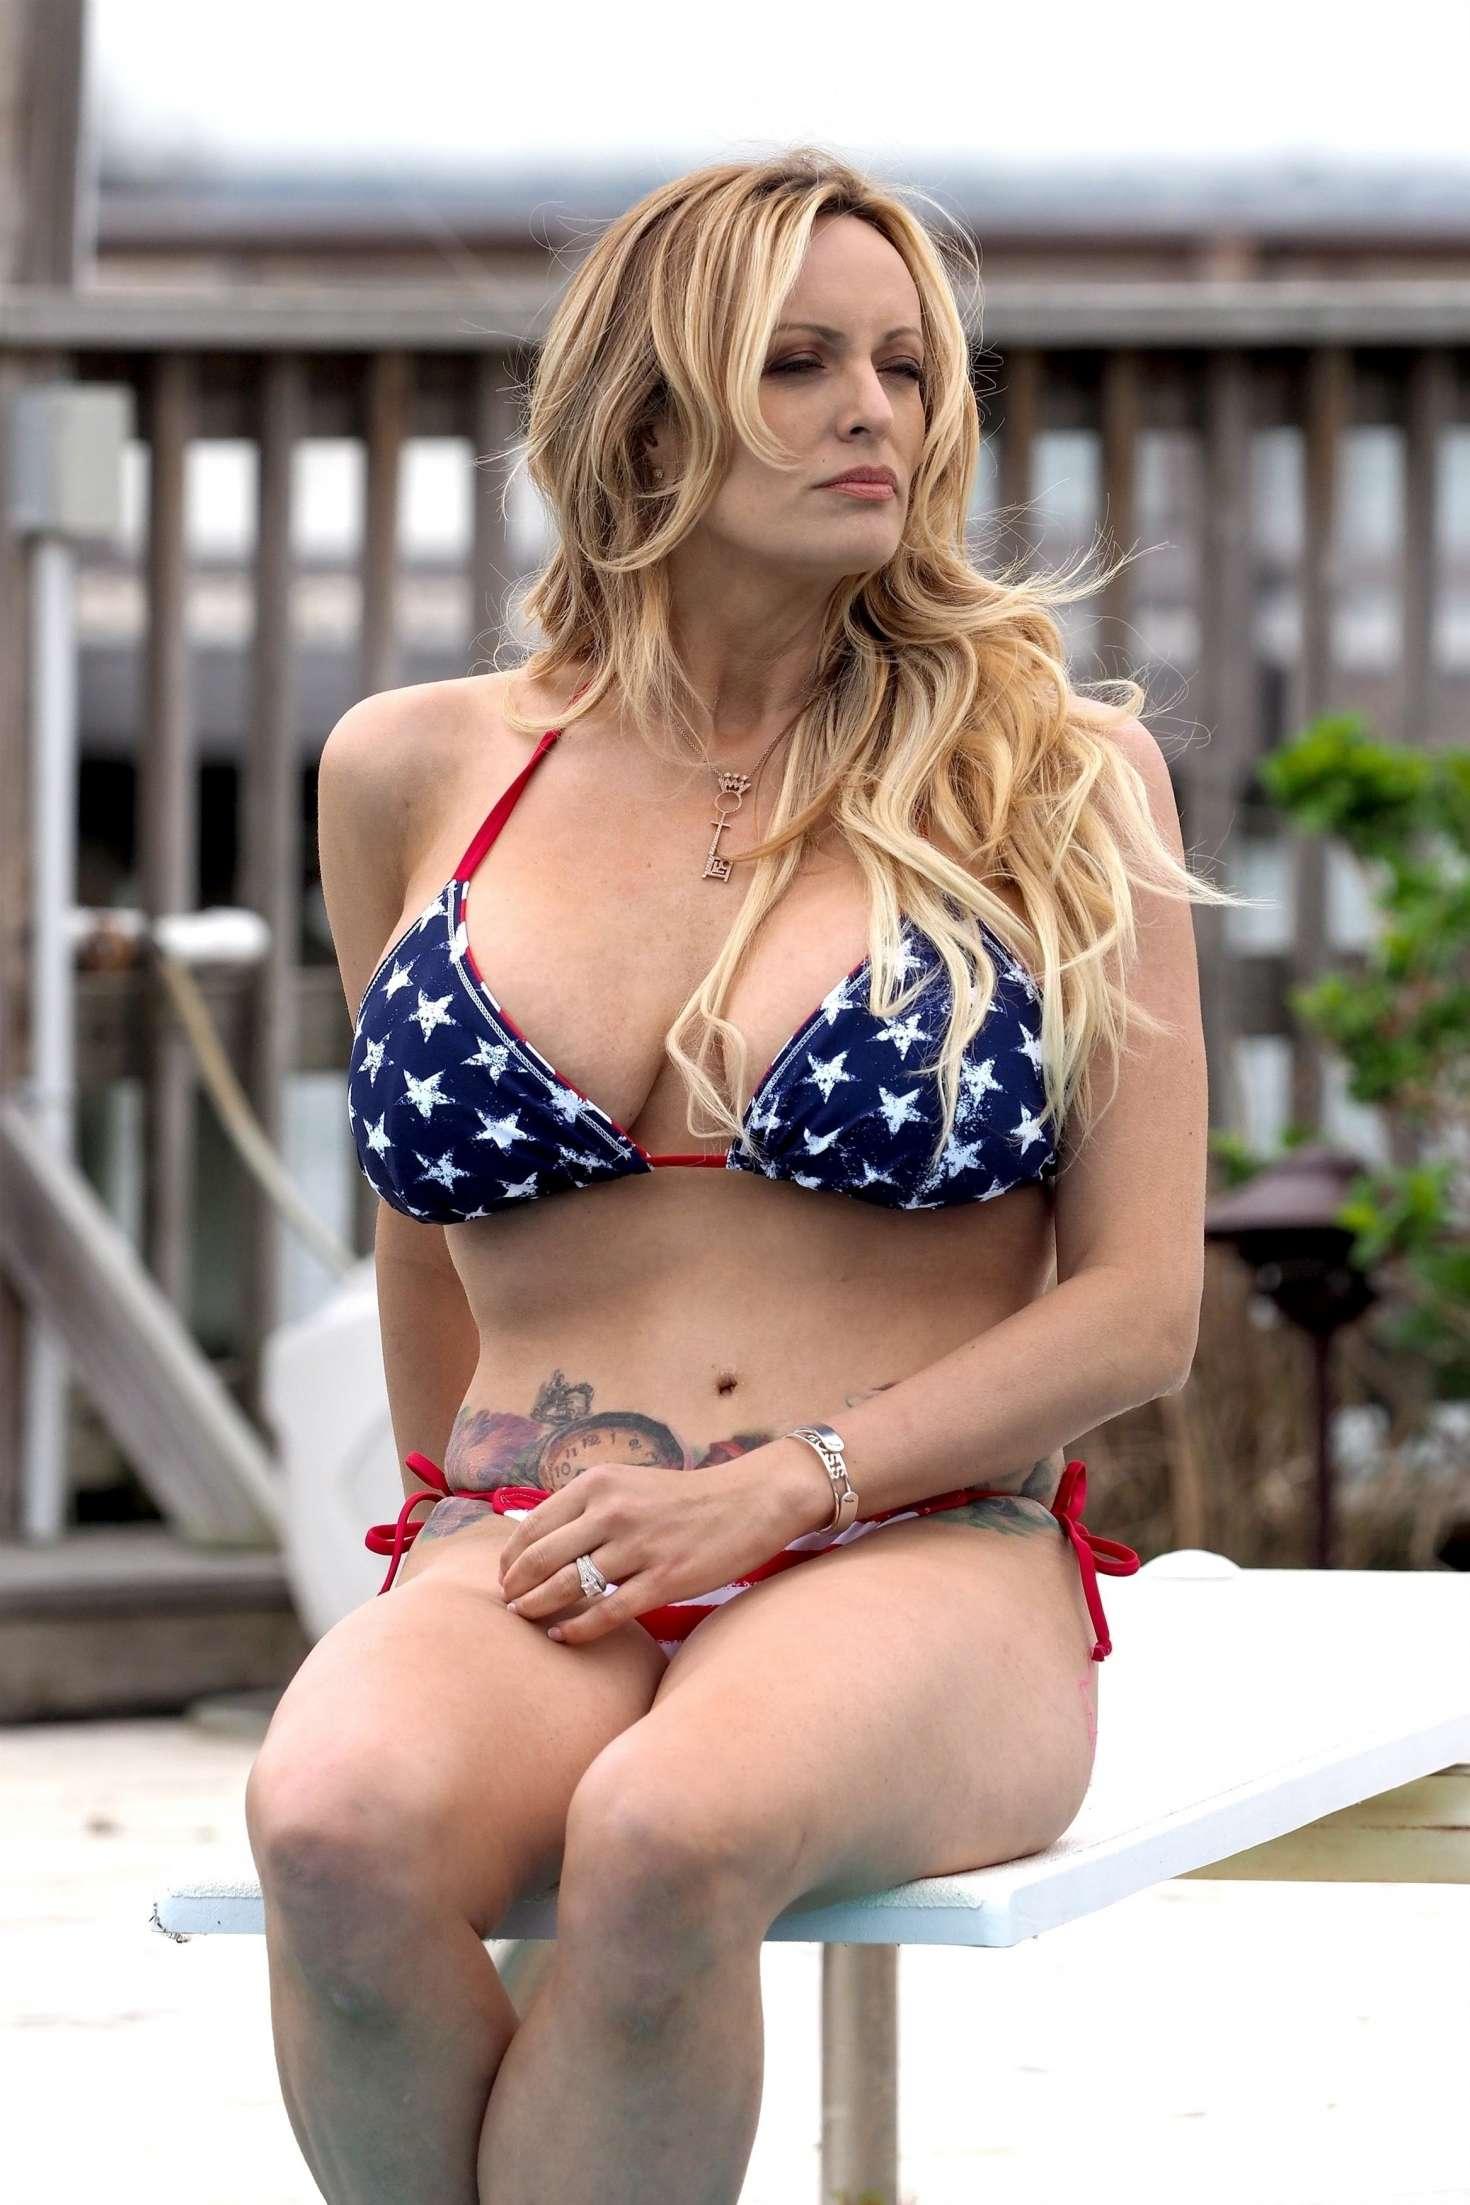 Bikini Stormy Daniels nude photos 2019